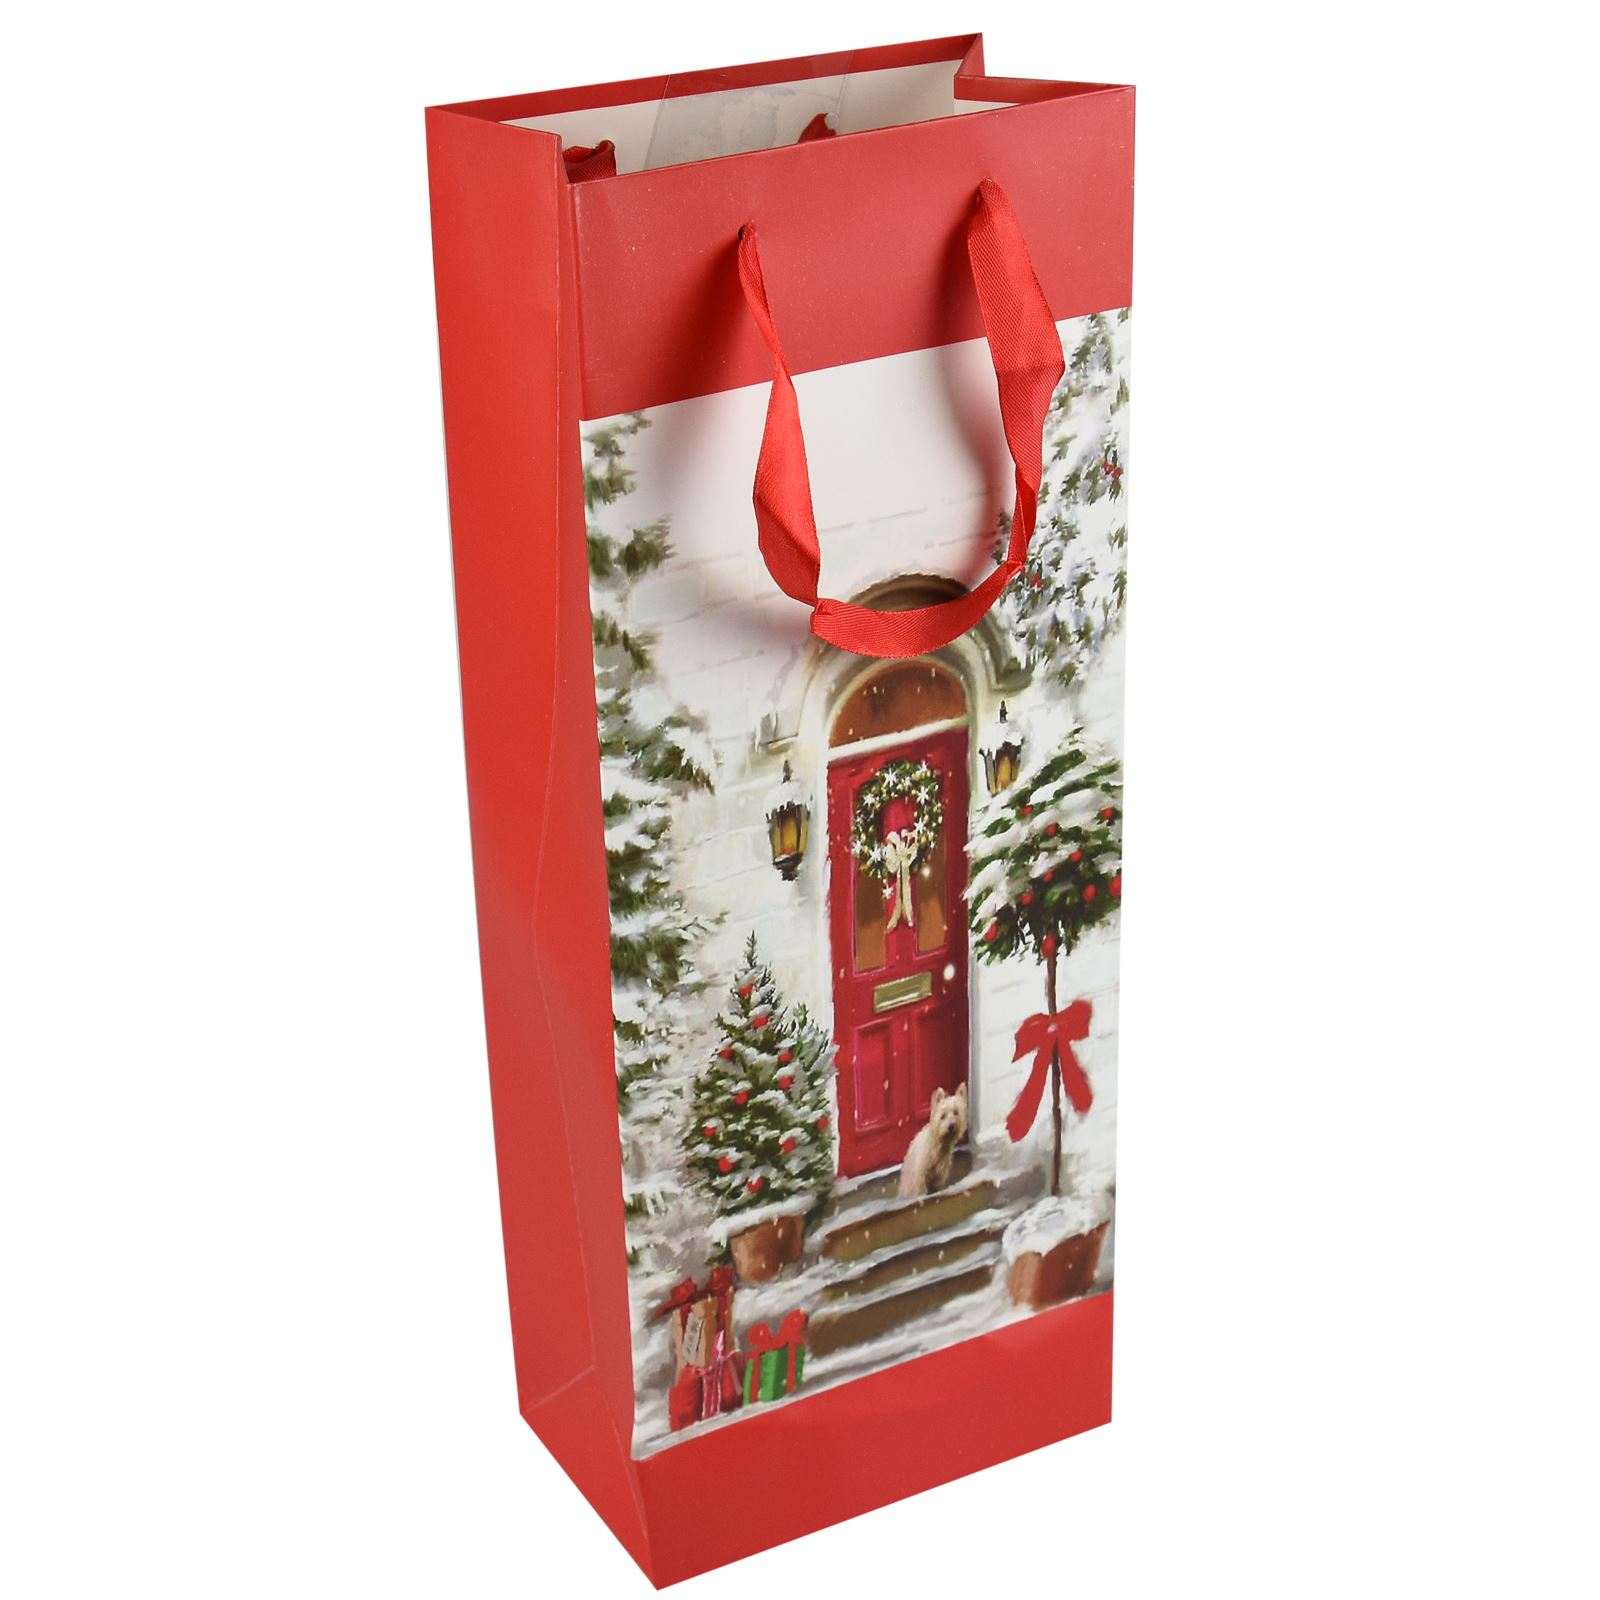 Tradizionale-Regalo-di-Natale-Borse-Regalo-Natale-Inverno-Glitter-Design-Paper-Carrier miniatura 4